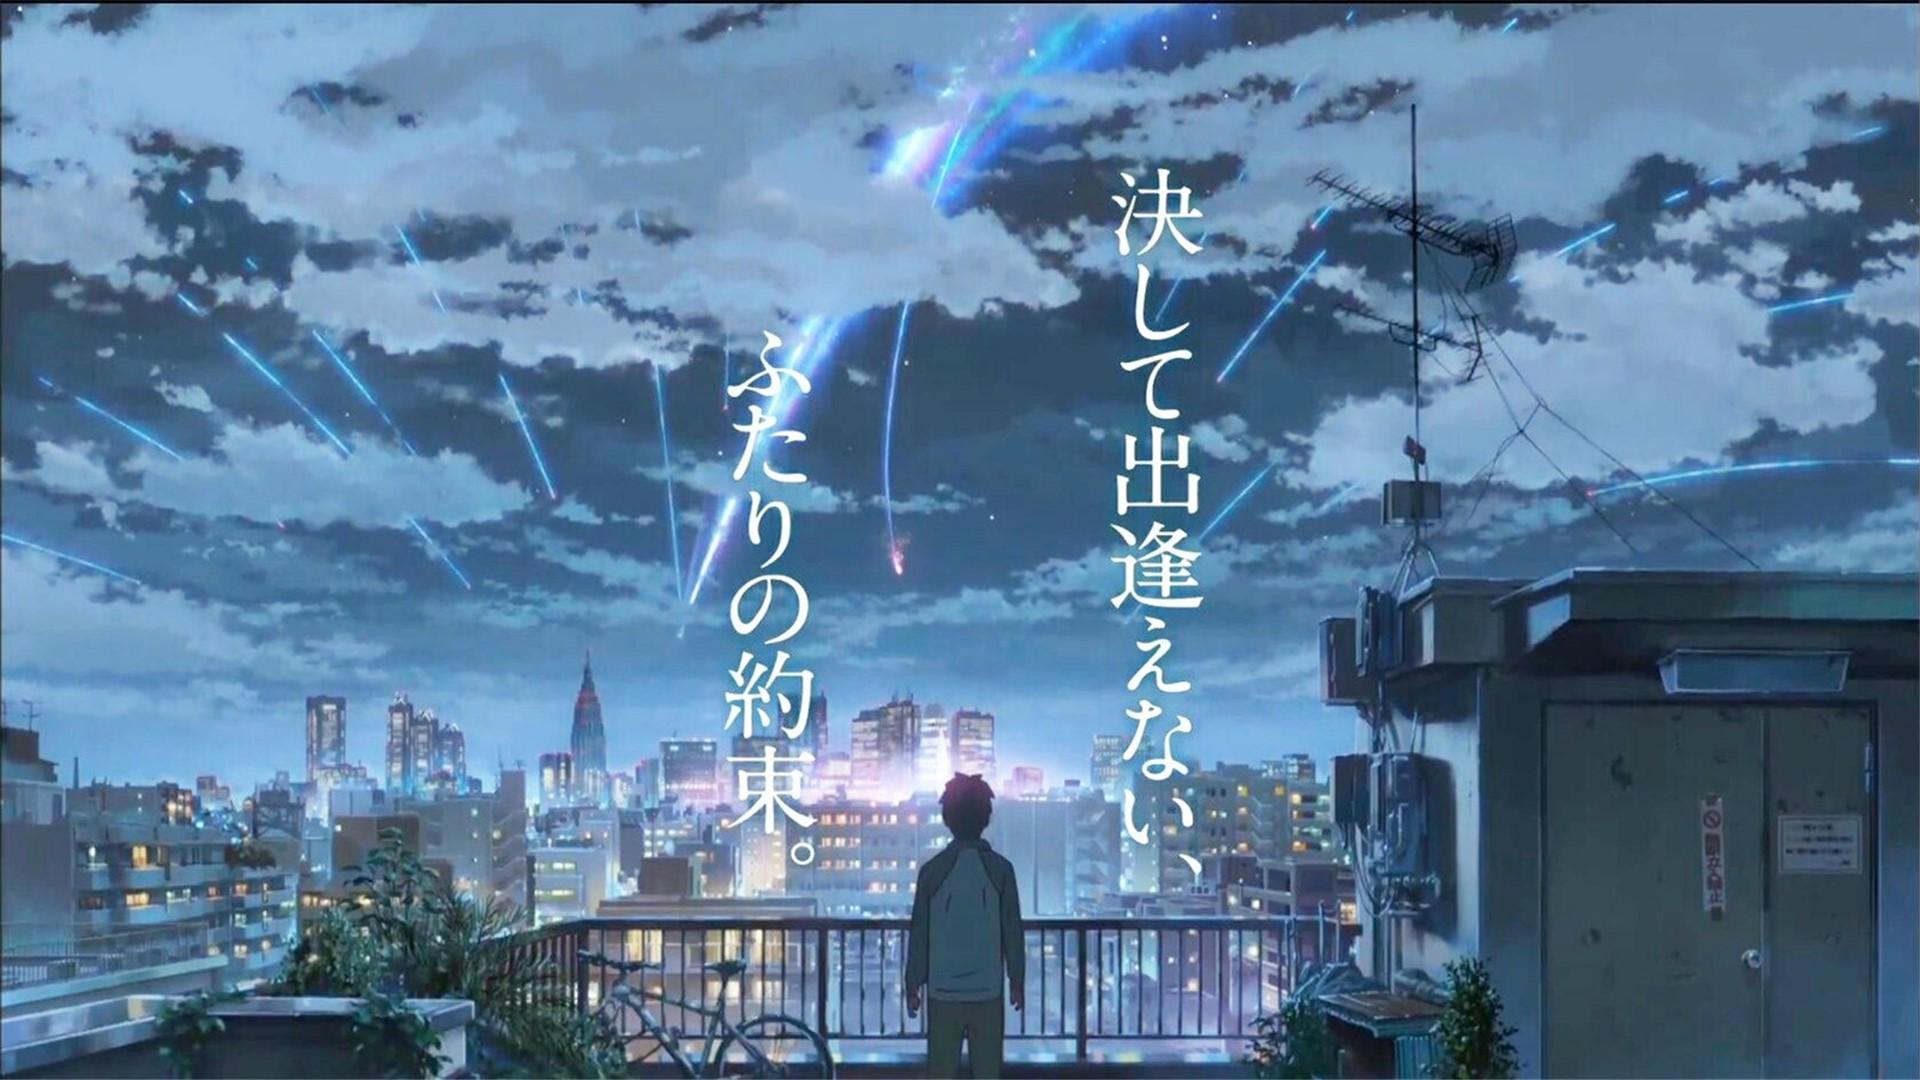 新海诚<你的名字>中国上映票房多少,1080p完整版百度云资源下载